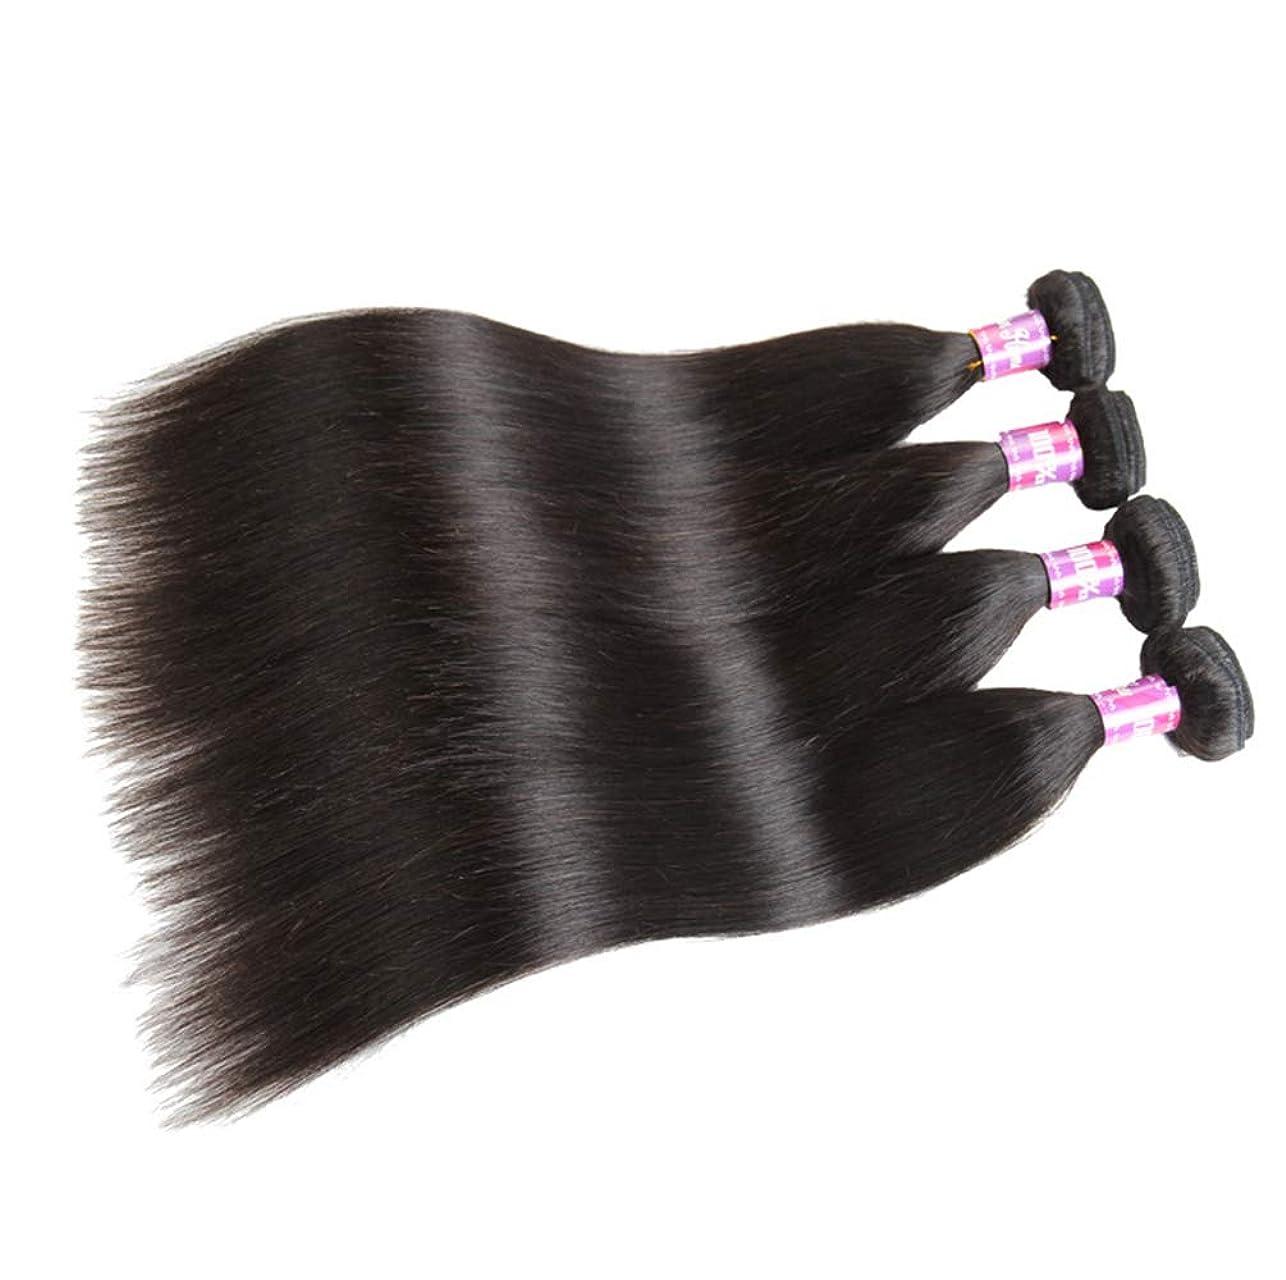 理解傷つきやすい保険をかけるブラジルのストレートヘアバンドル安いブラジルのヘアバンドルストレートの人間の髪のバンドルナチュラルブラックカラー300g(3バンドル)